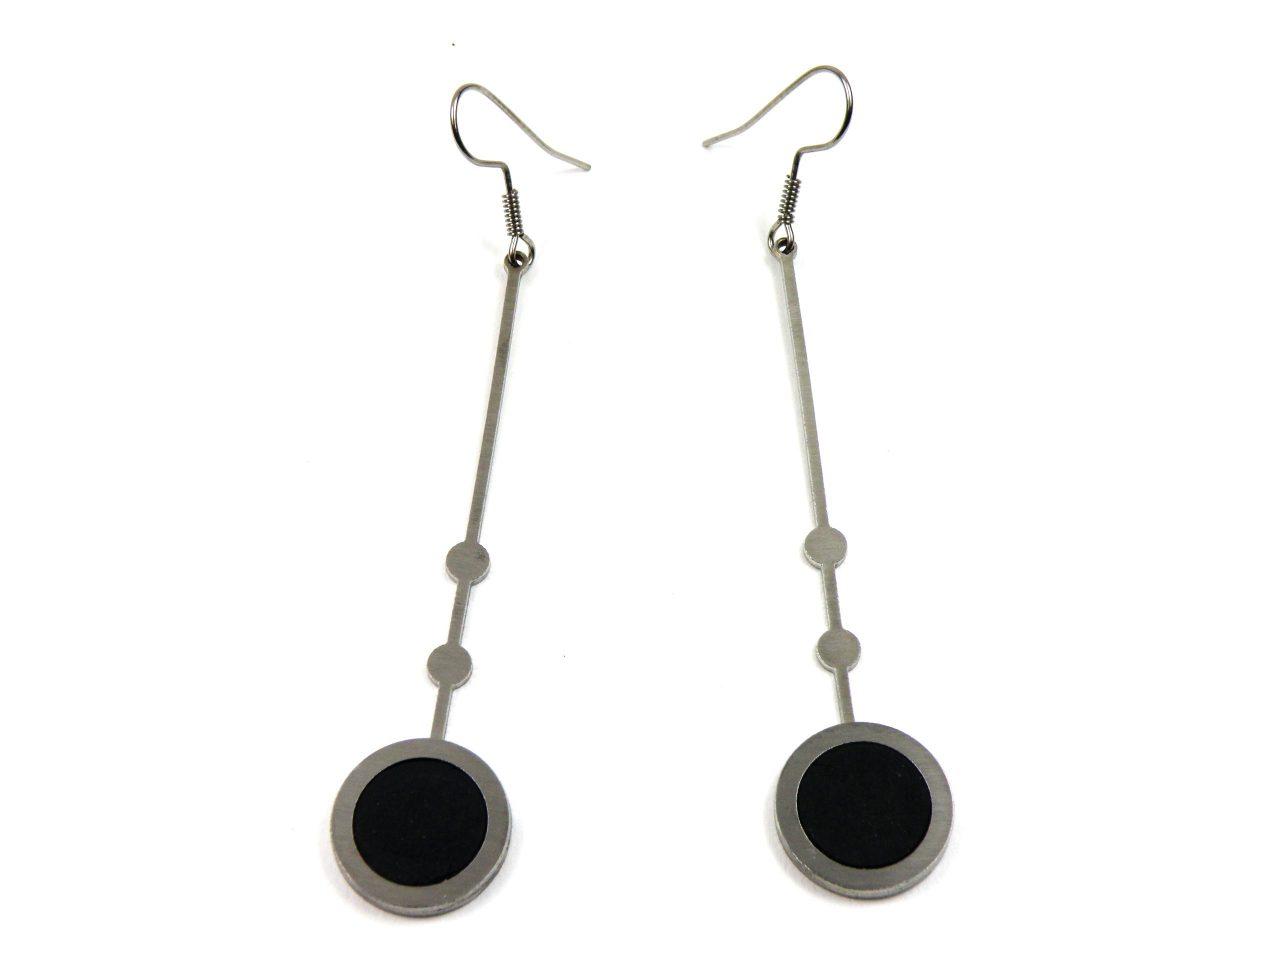 Ohrringe Edelstahl mit Fimo Länge 8 cm Schwarz